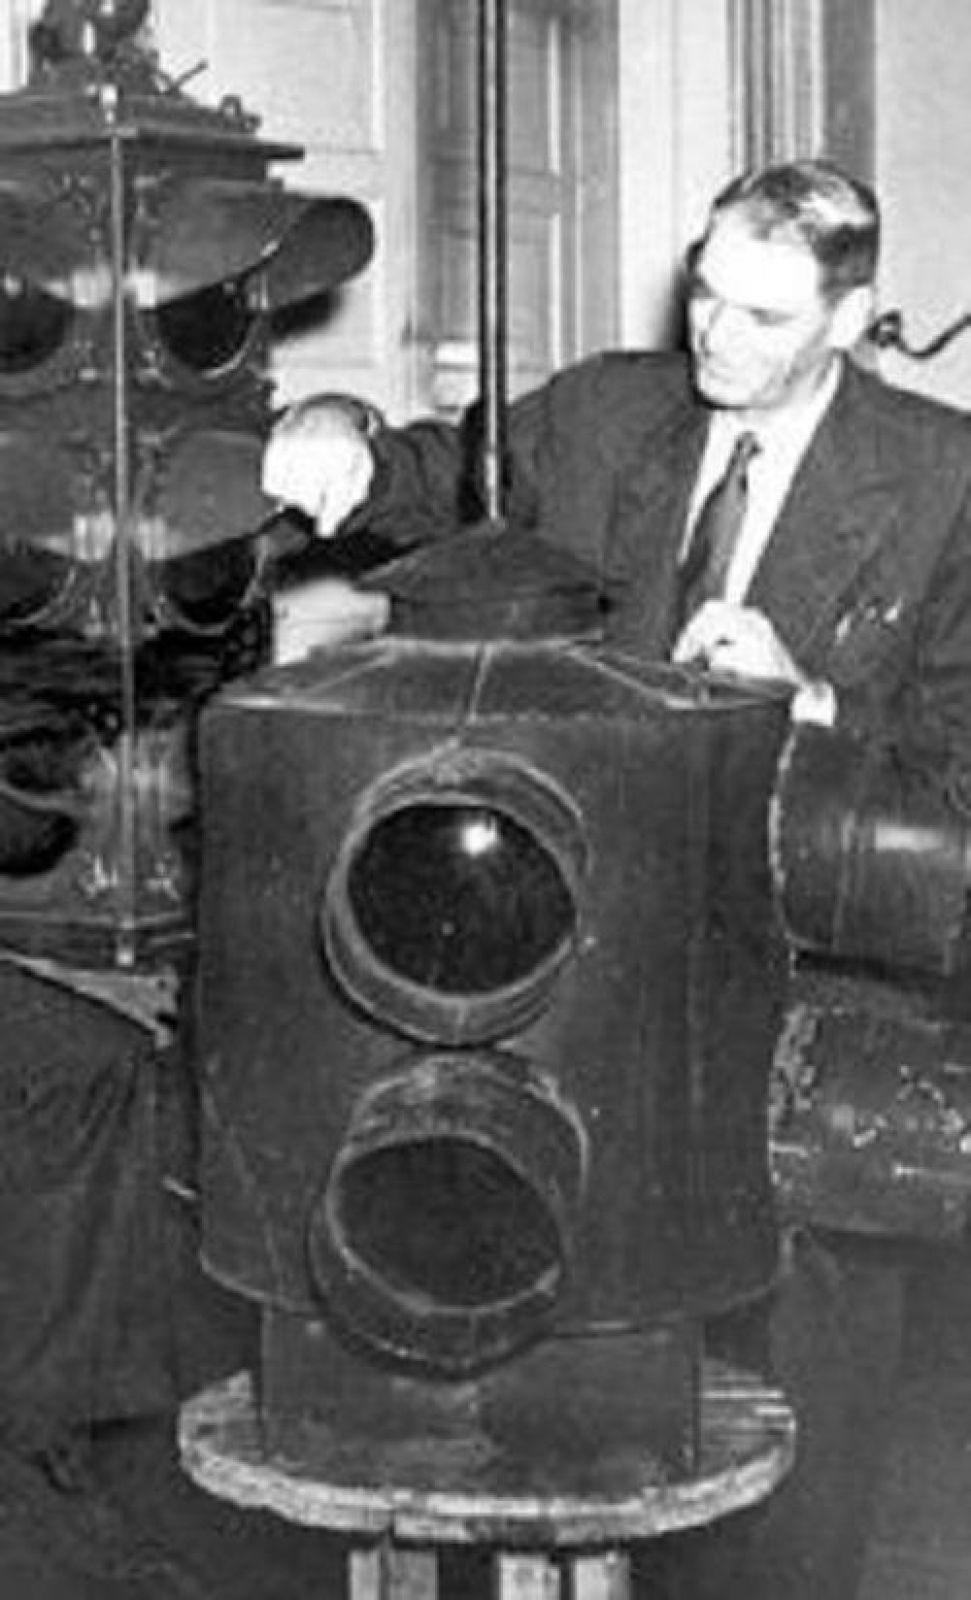 В 1912 году житель из Солт-Лейк-Сити Лестер Вайр создал первый в мире электрический светофор, с двумя круглыми сигнальными фонарями красного и зеленого цвета